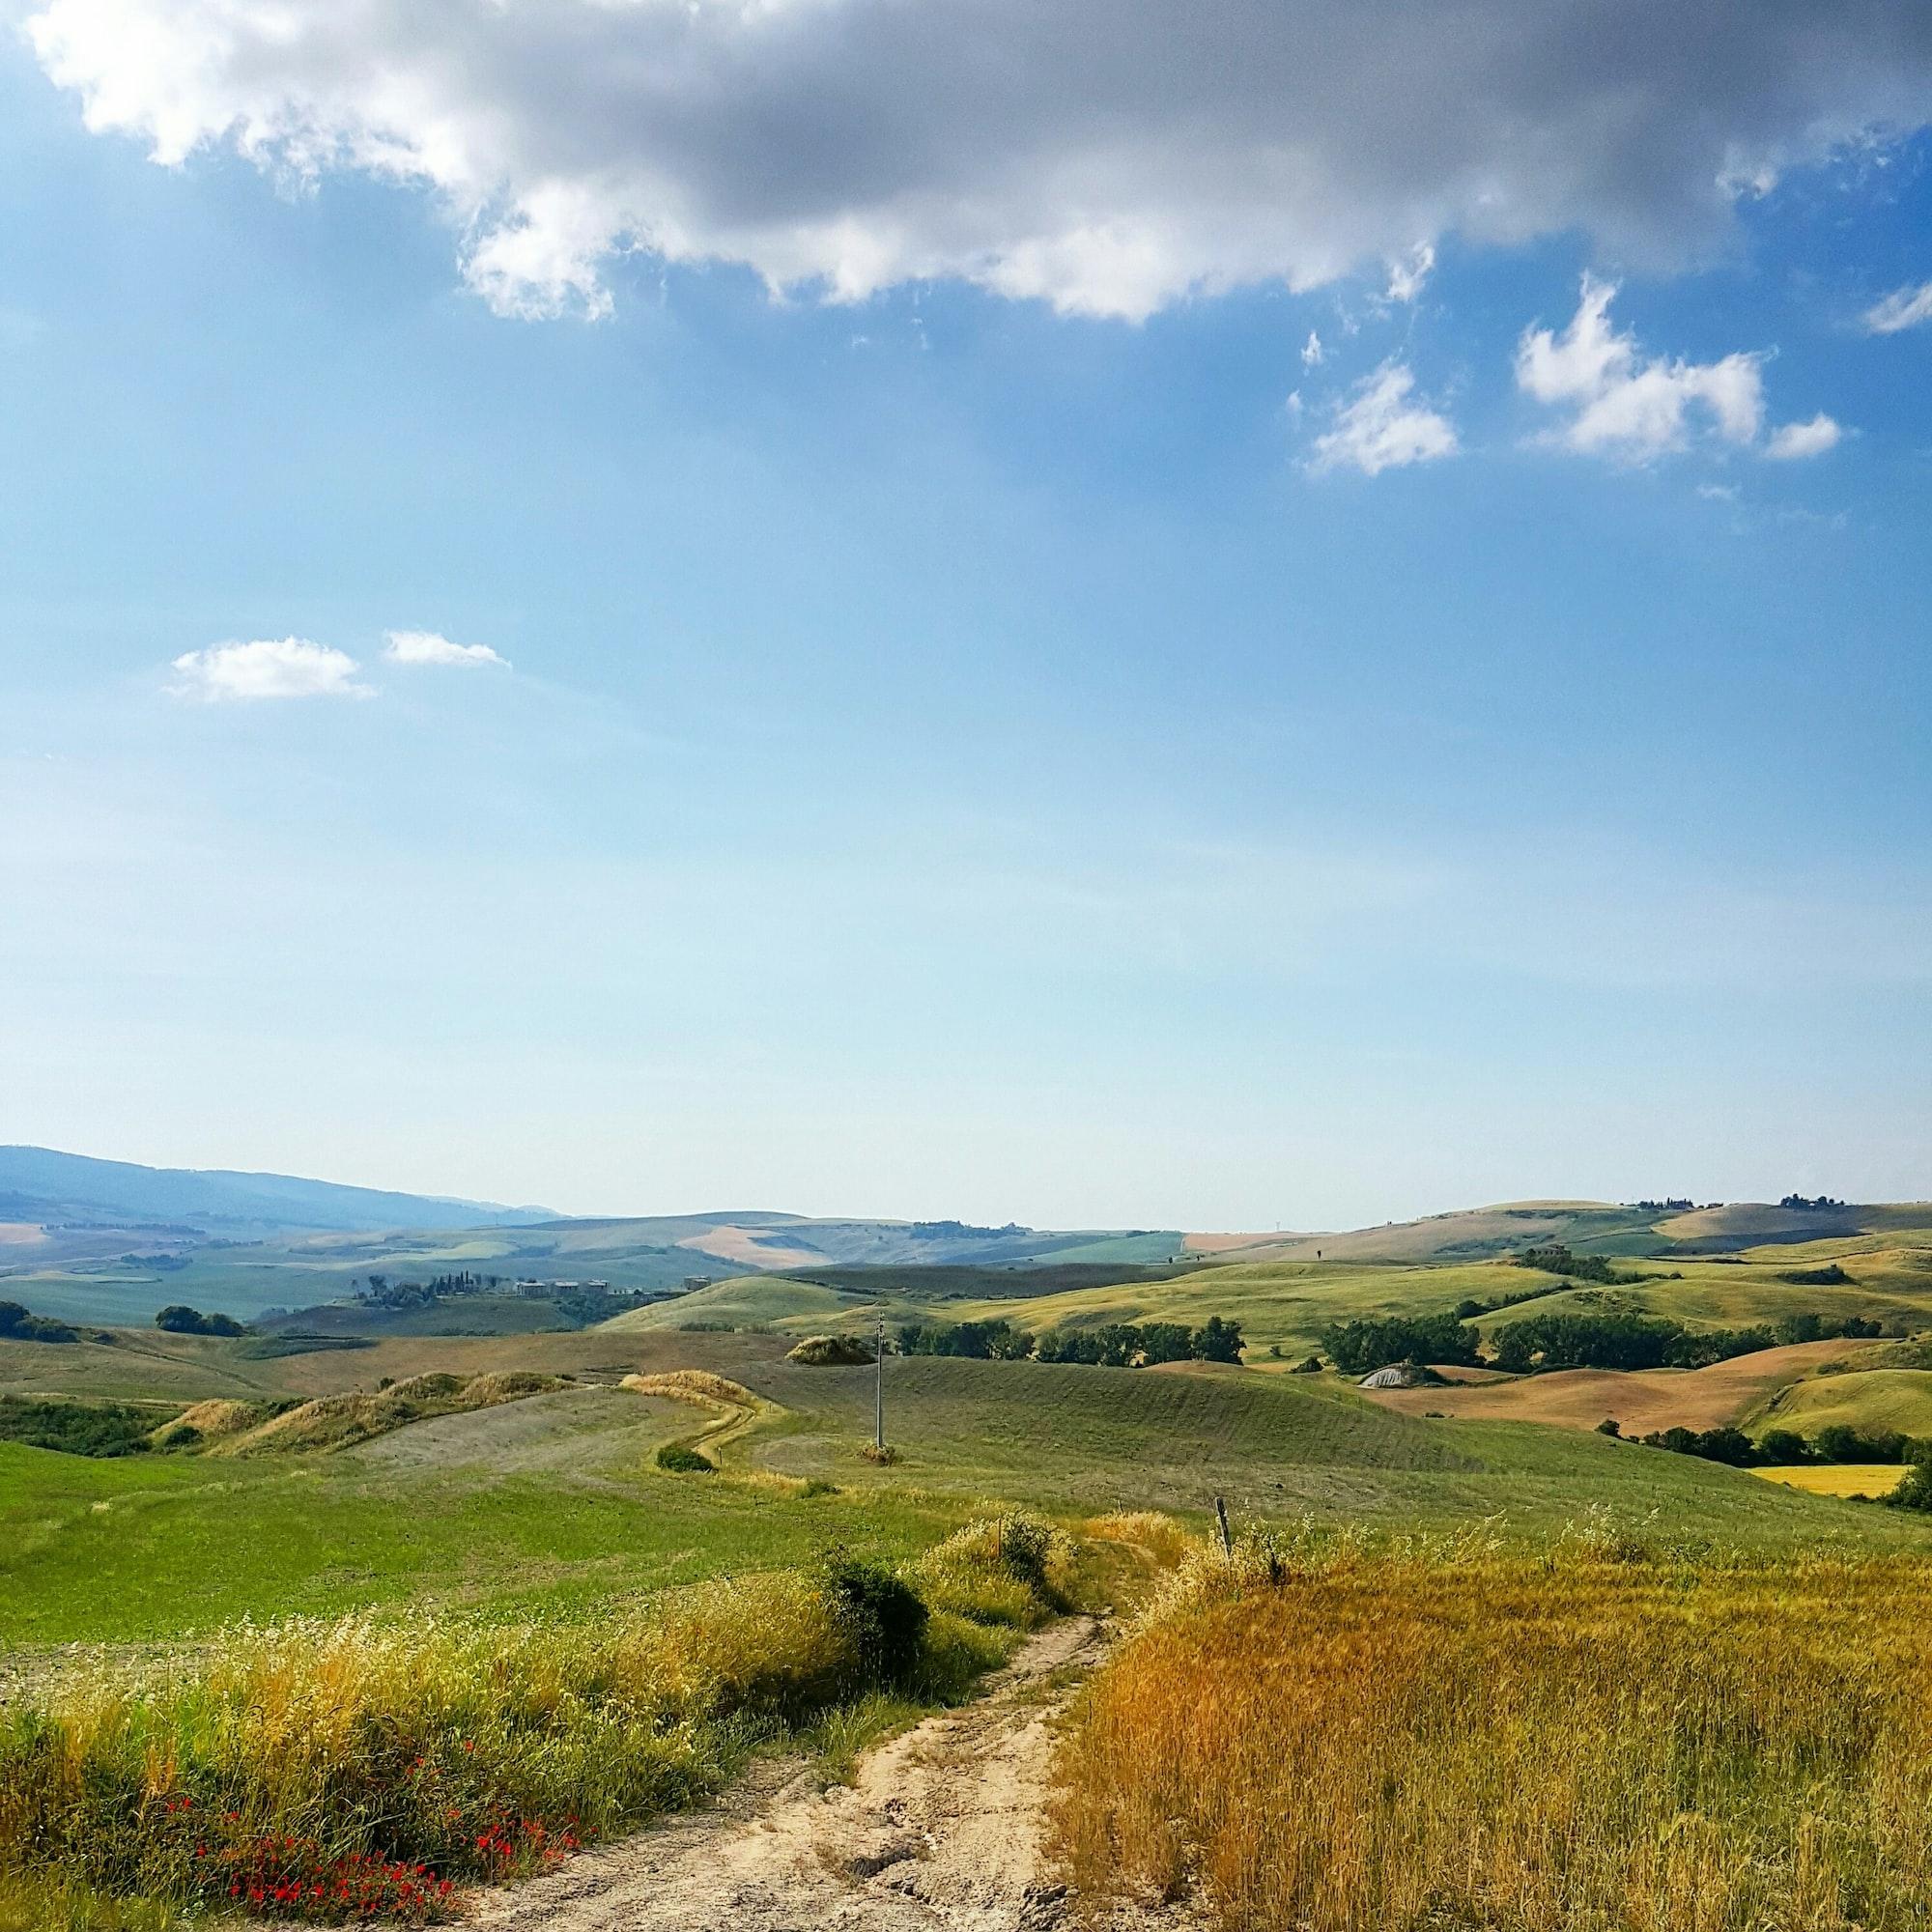 Пейзаж. Фотография поля